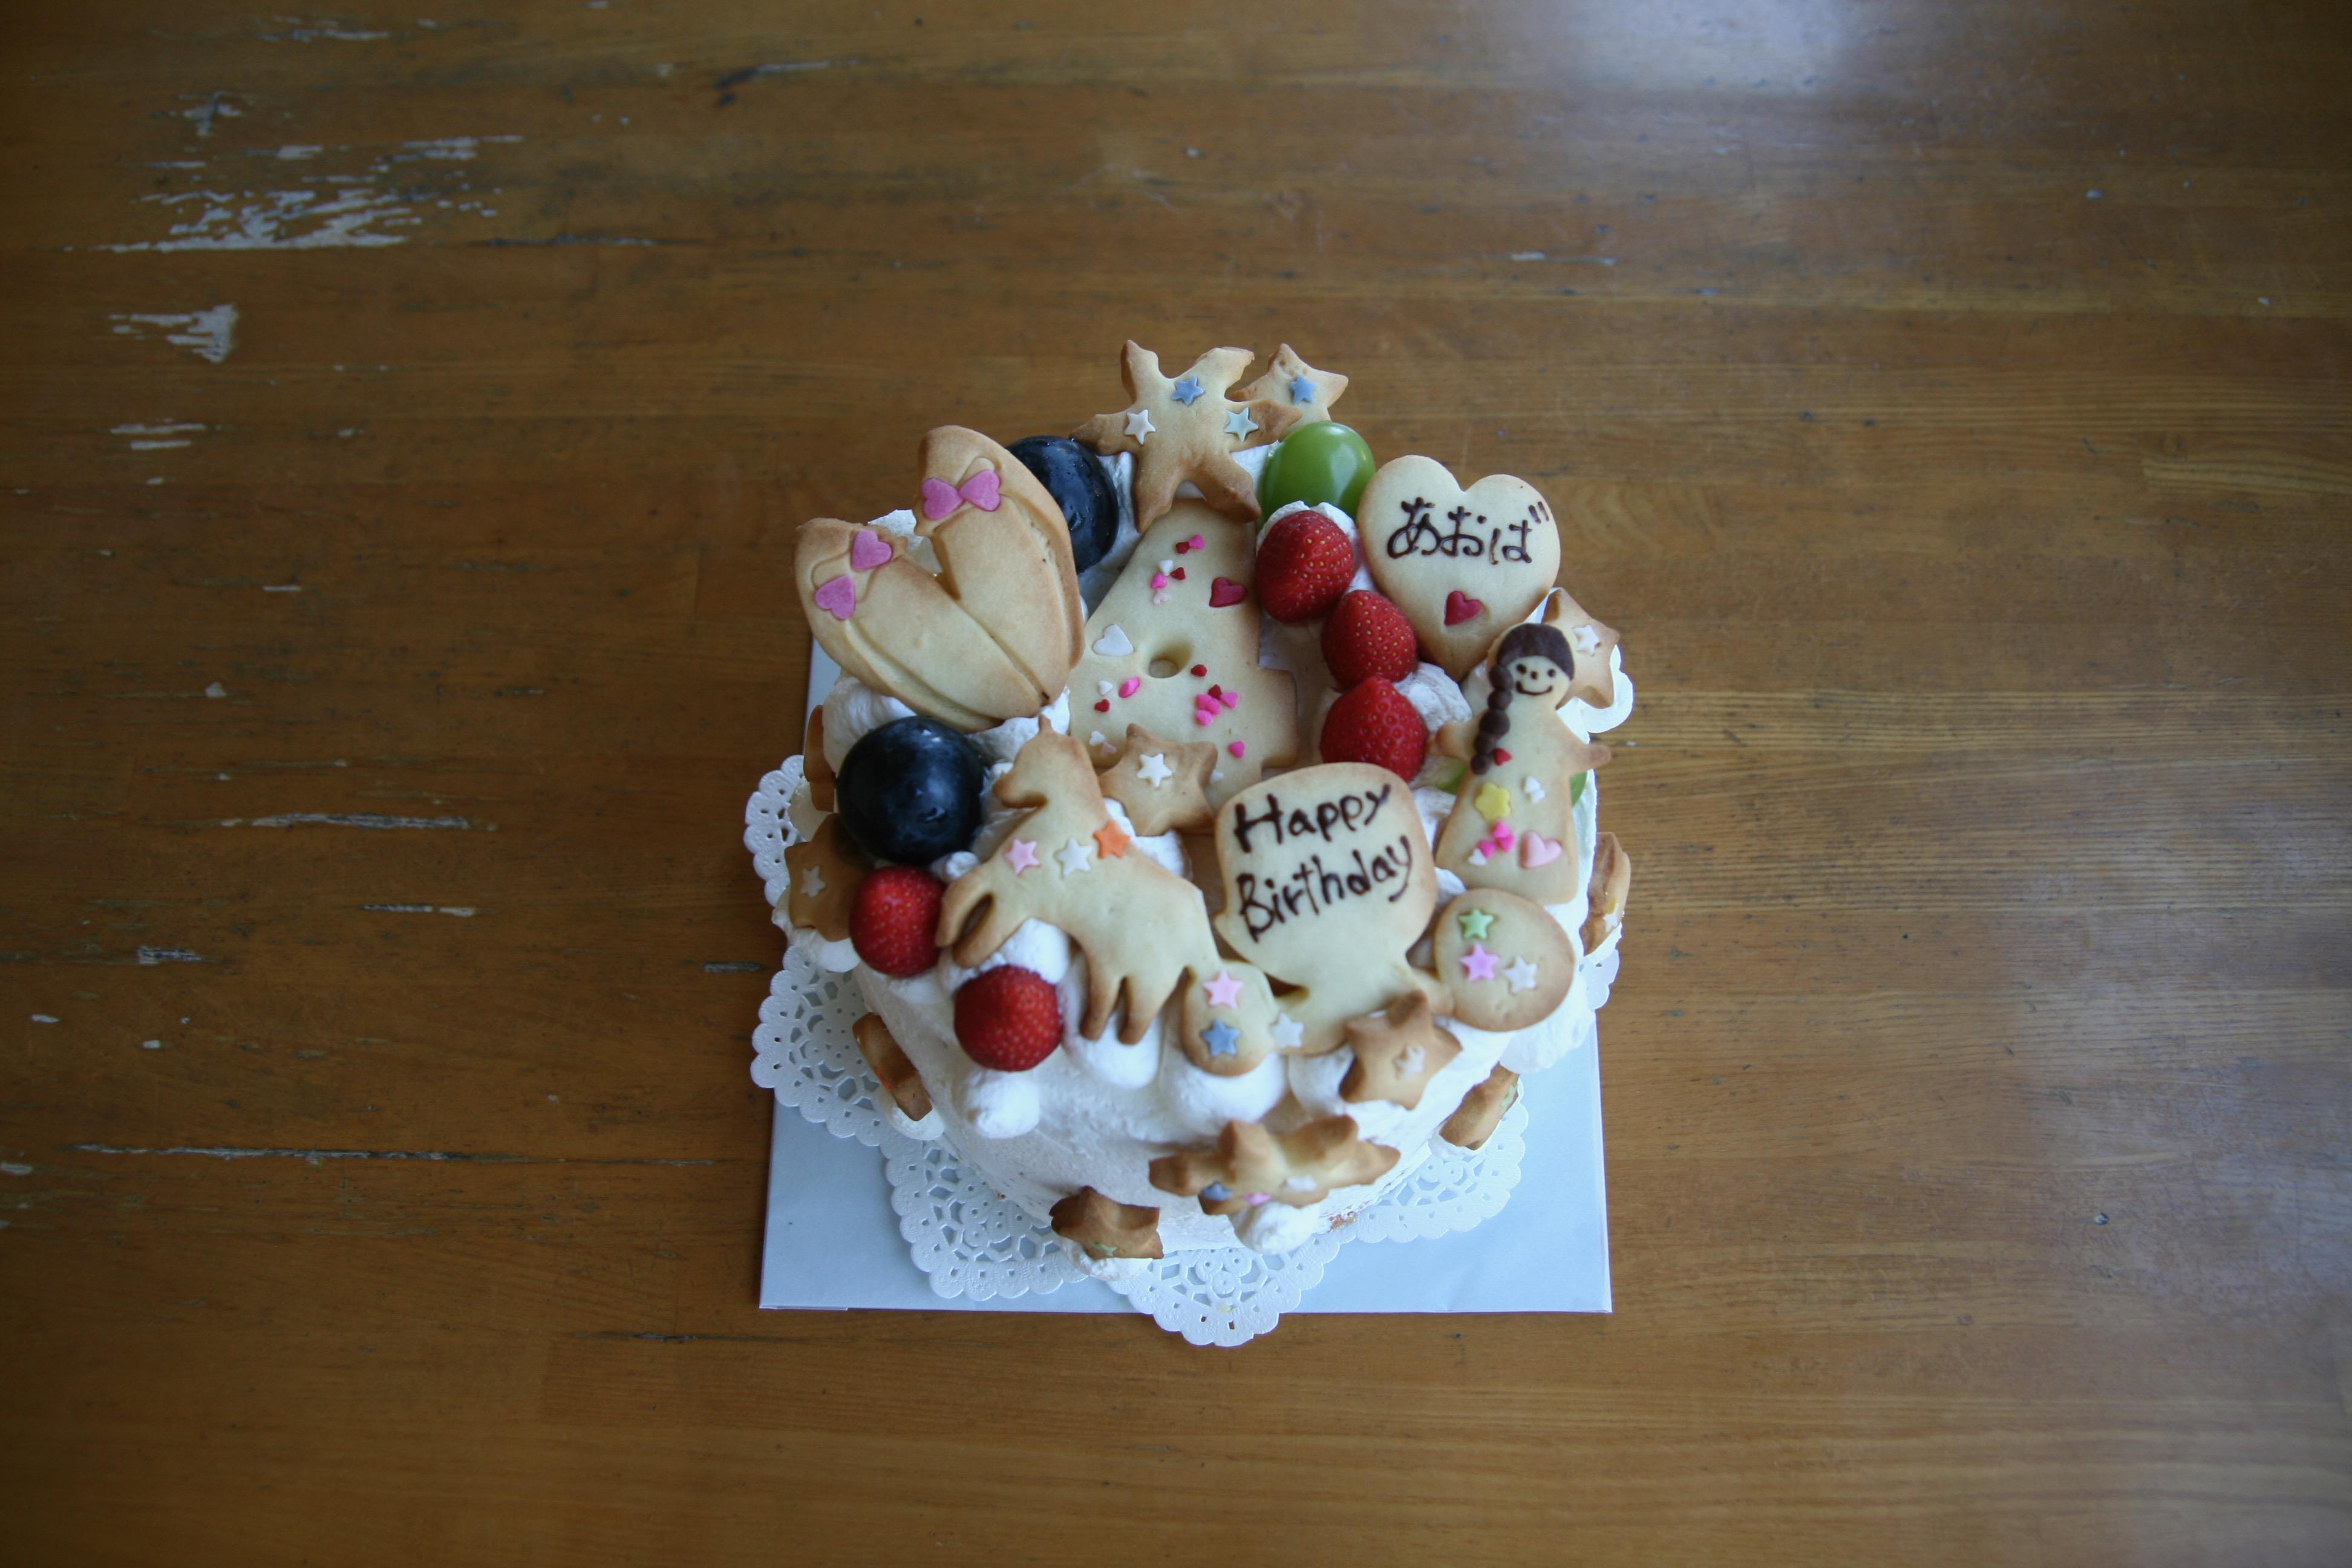 プリンセス風なバースデーケーキ